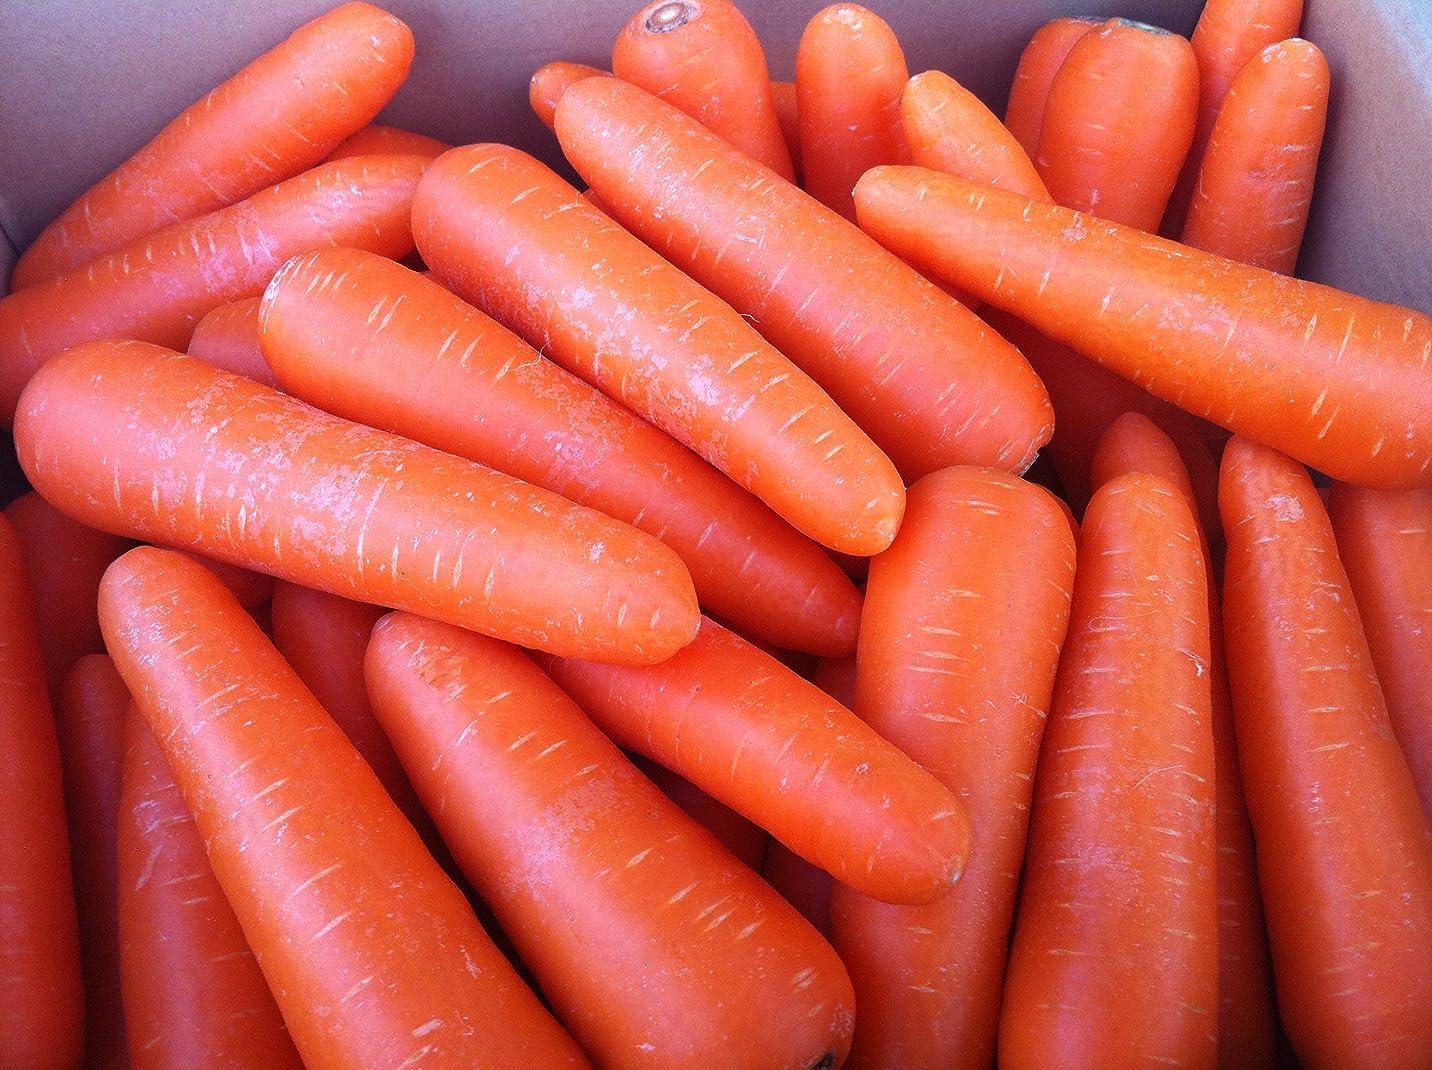 おブラウス専門化する北海道産 野菜セット 旬の新鮮お野菜詰め合わせ 7品種以上 80サイズ 約4?5kg 調理しやすい常備野菜がメインのつめあわせ